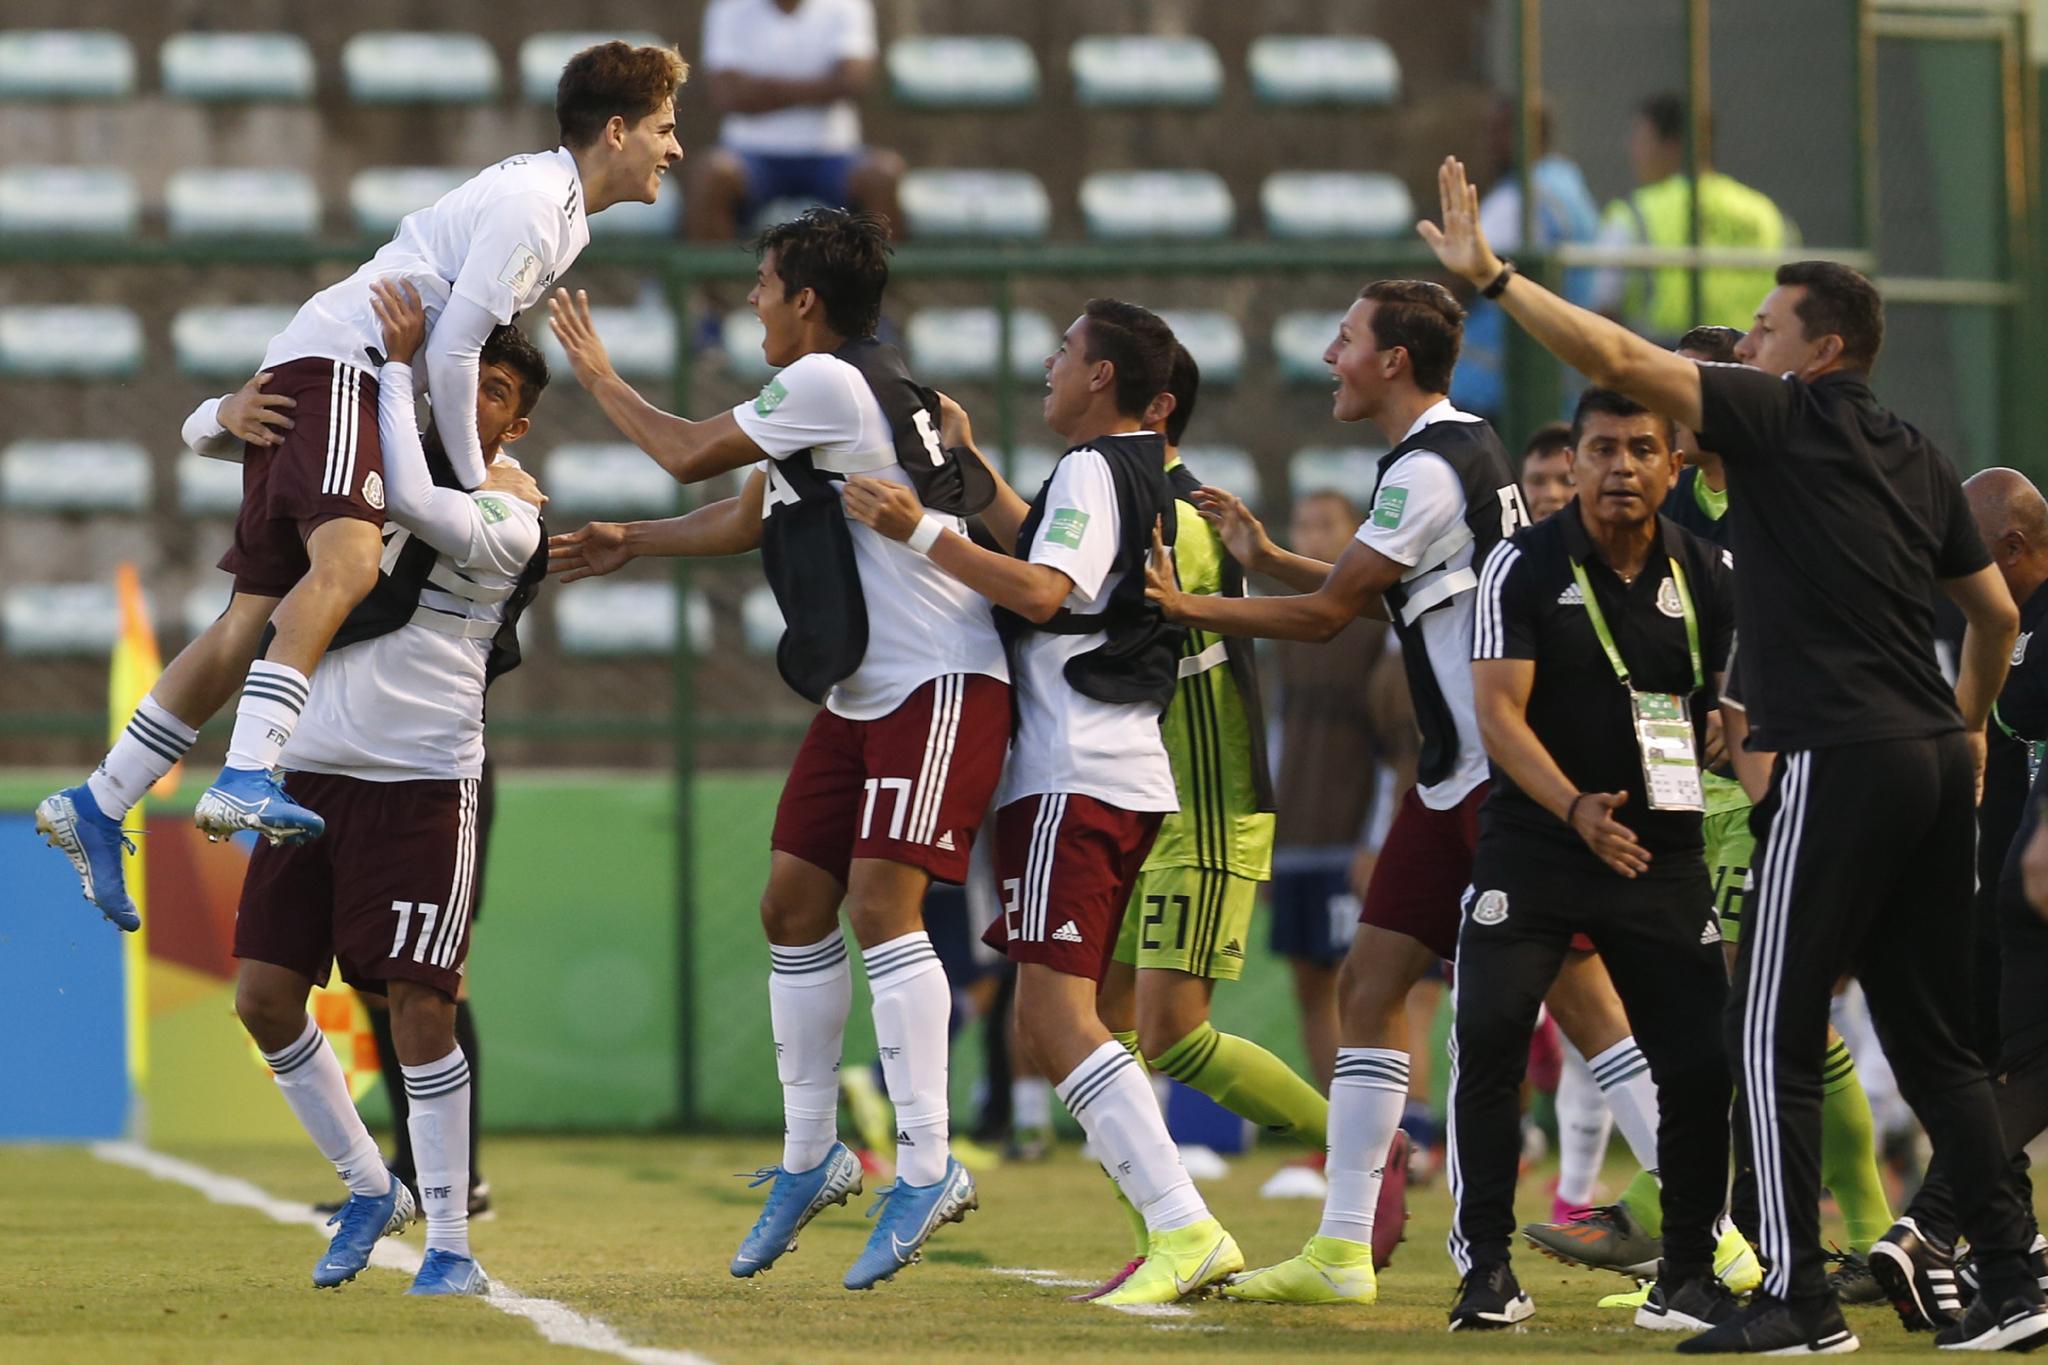 7일 일본과 U-17월드컵 16강전에서 골을 터트린 뒤 기뻐하는 멕시코 선수들. [AP=연합뉴스]